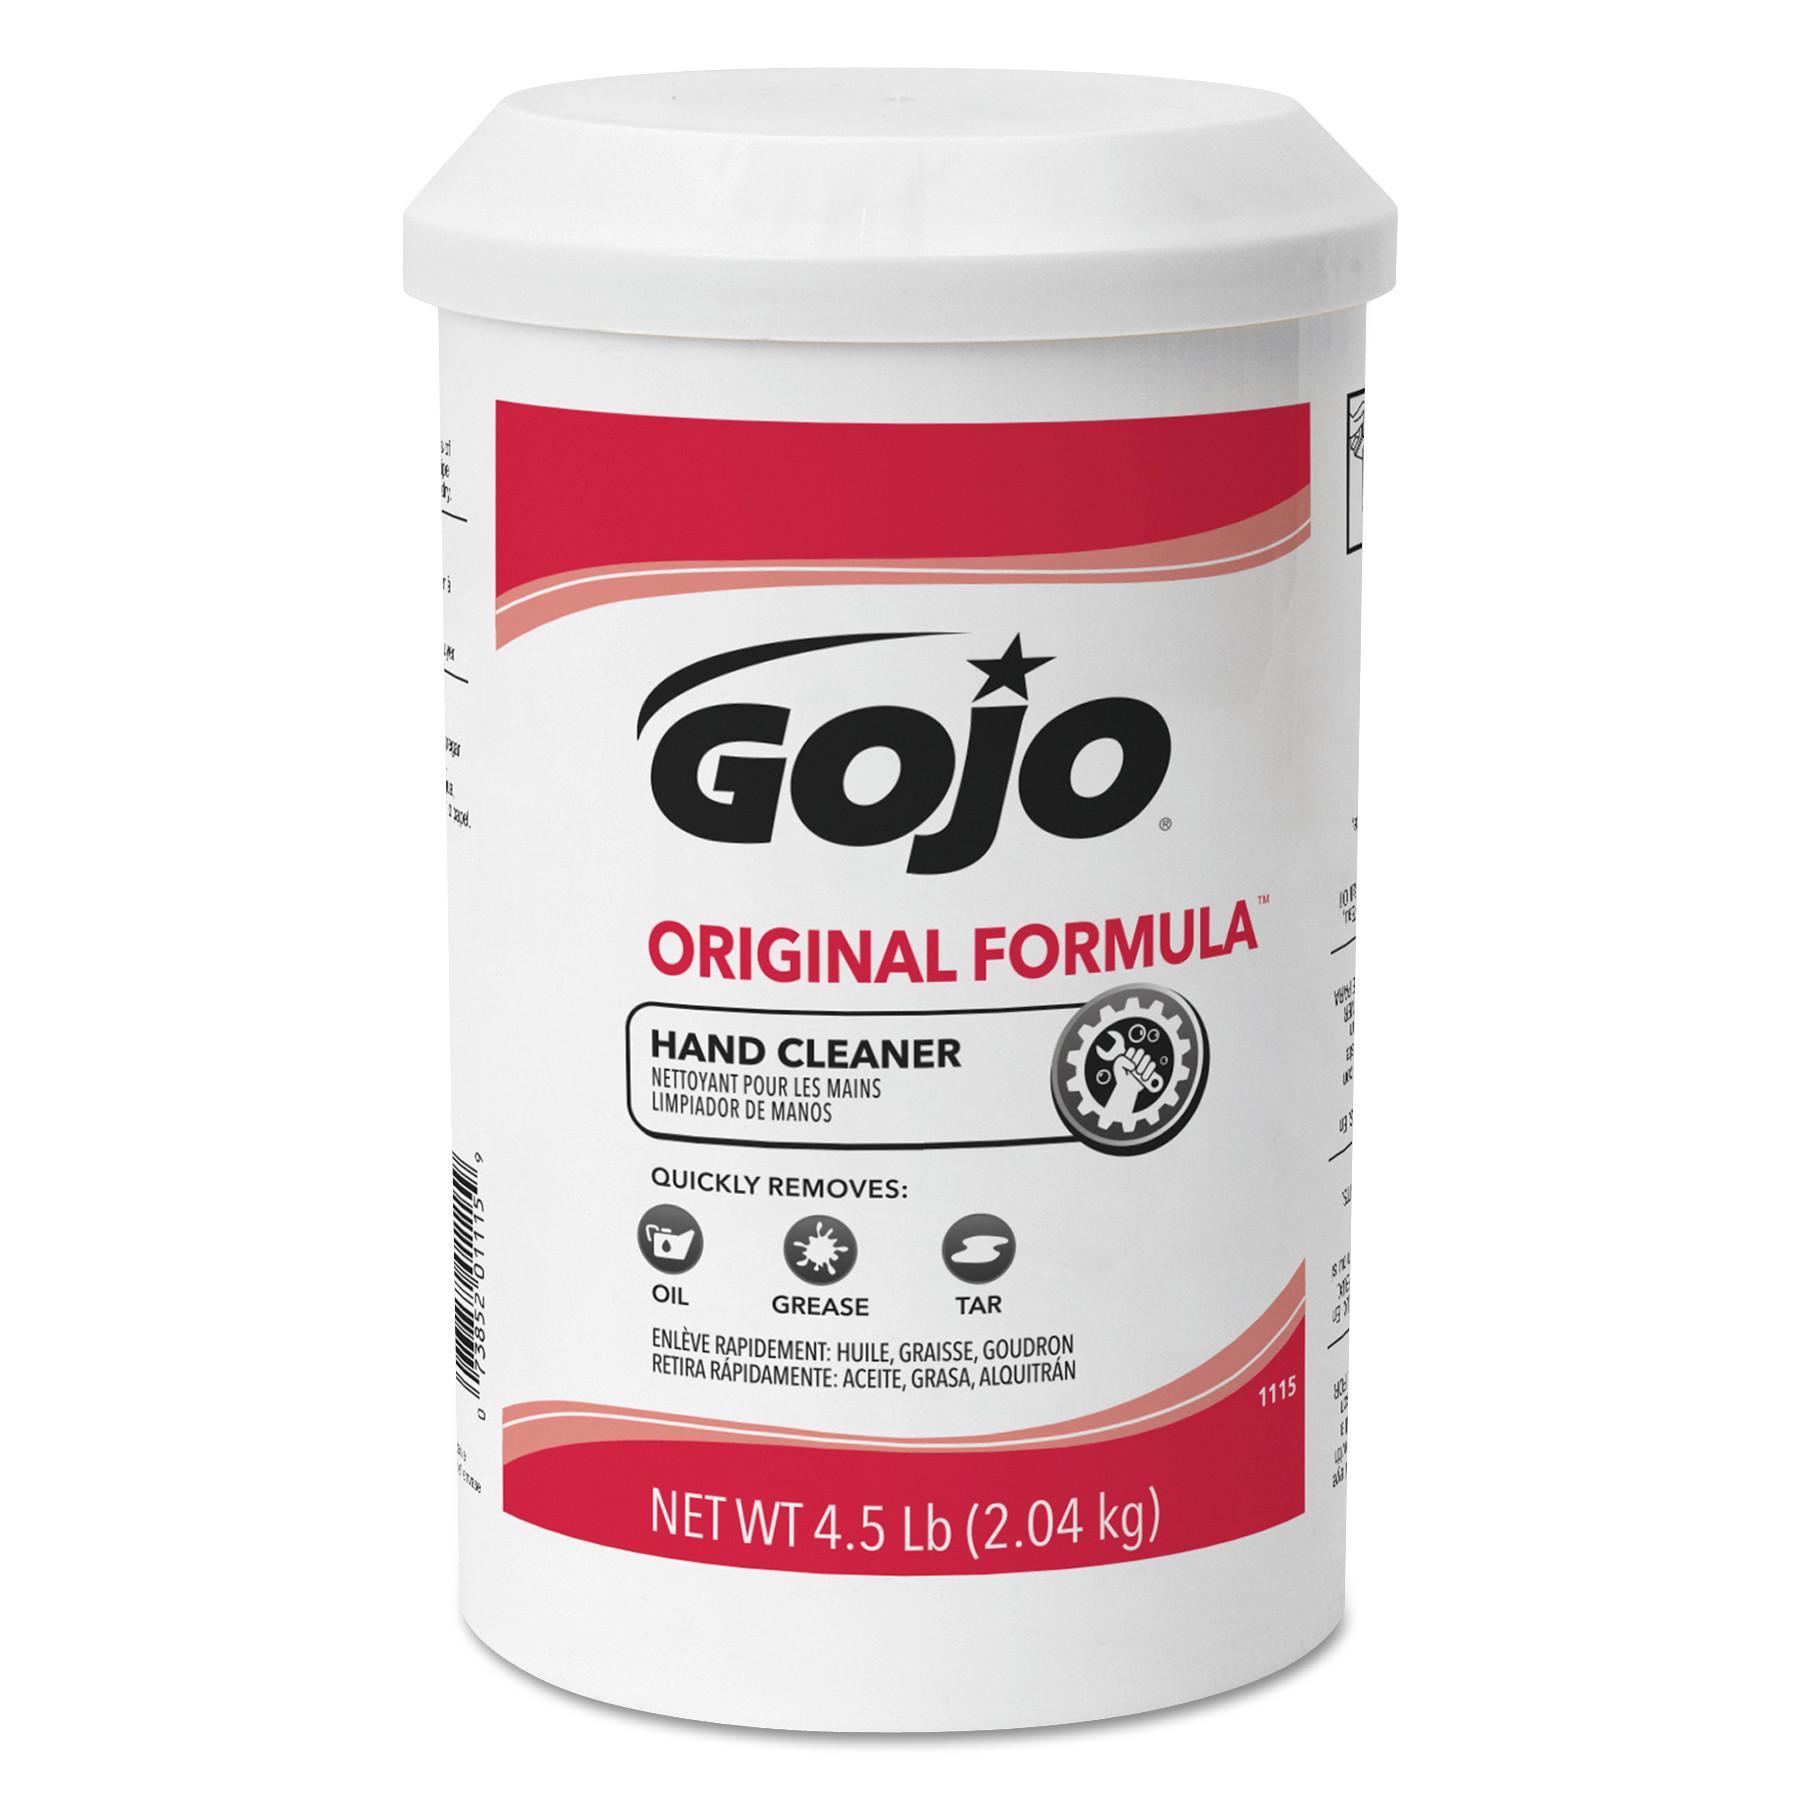 ORIGINAL FORMULA Hand Cleaner, 4.5 lb, White, 6/Carton